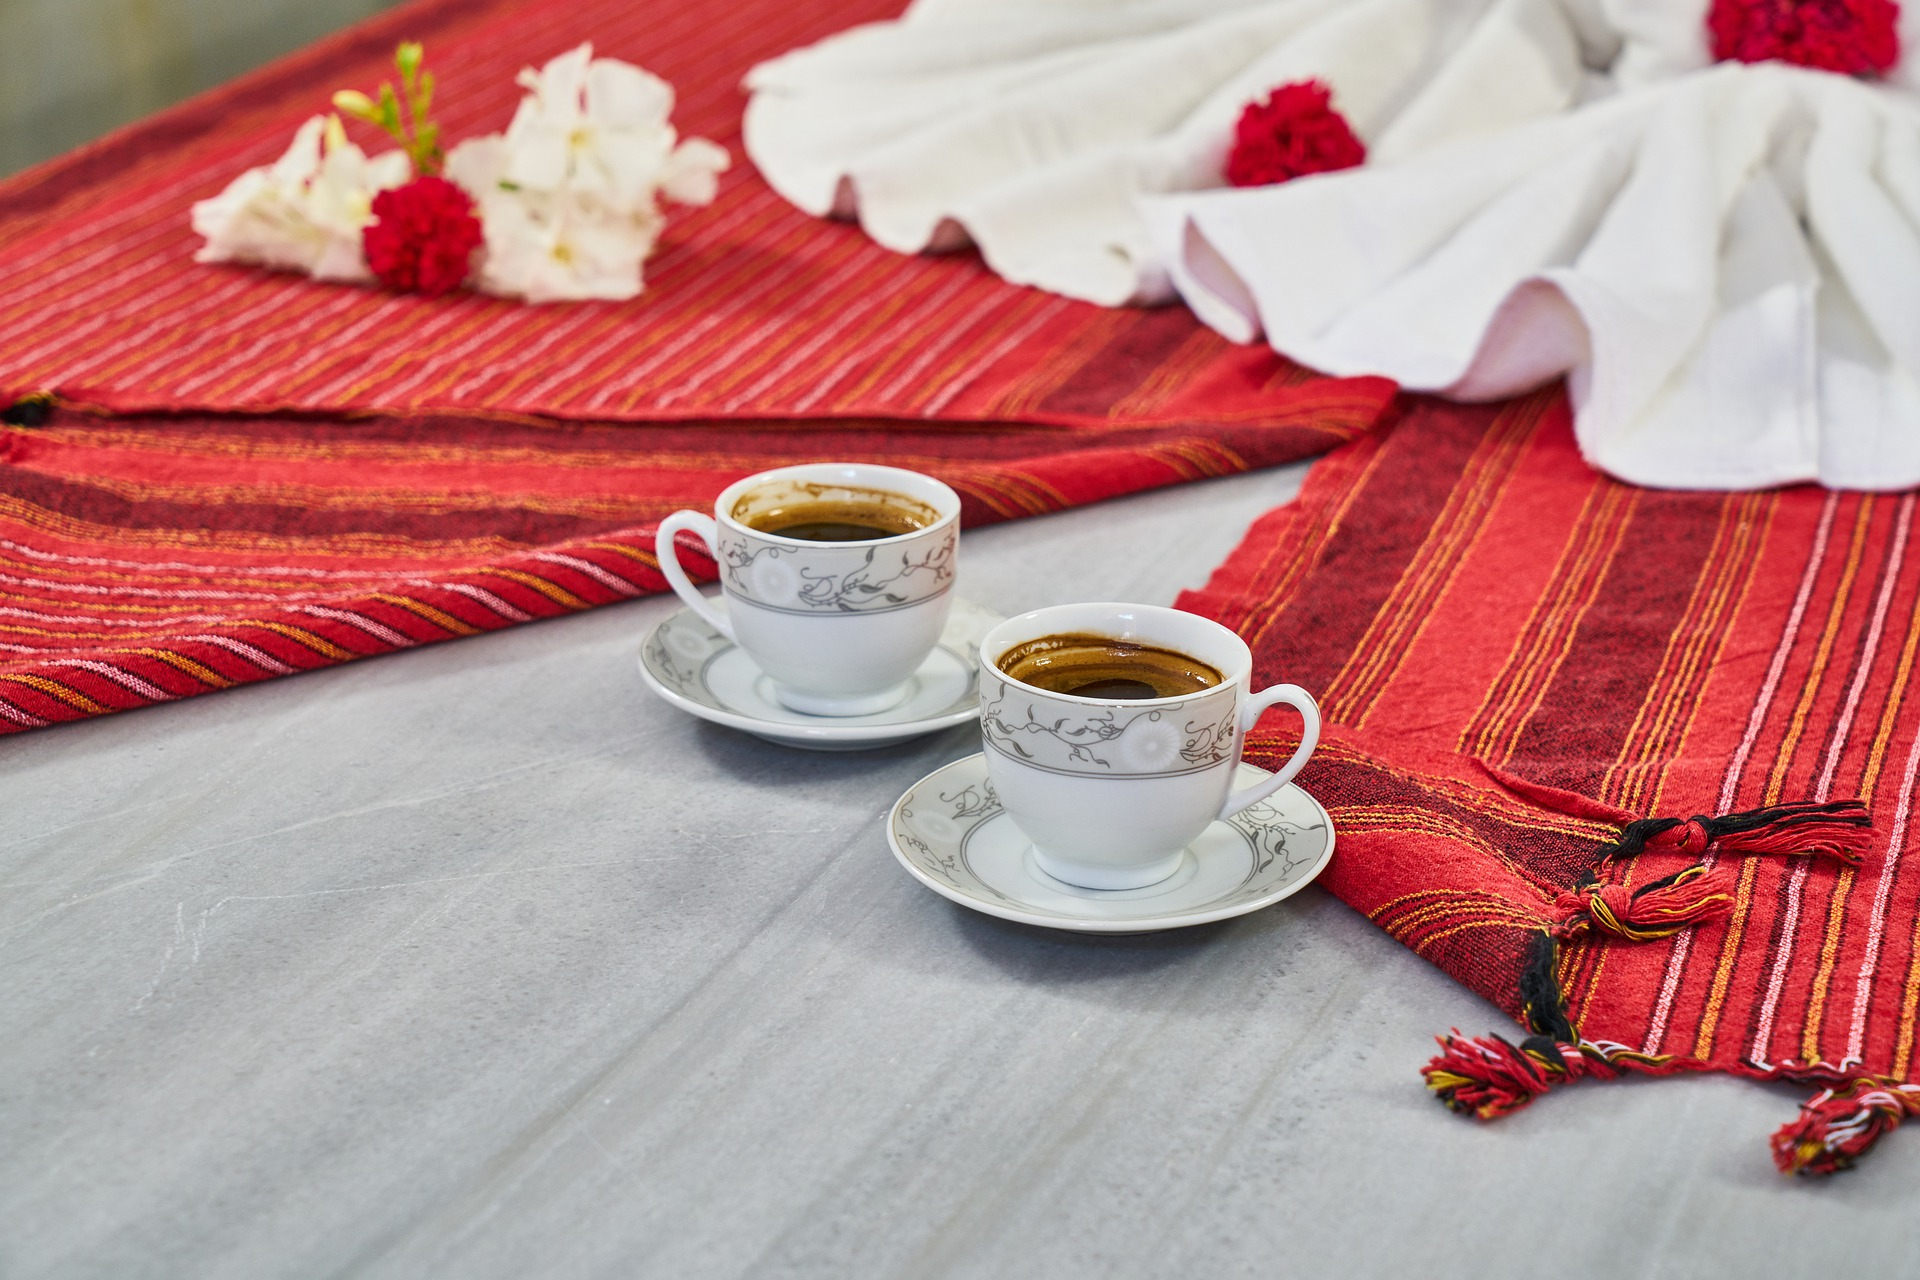 Il Rito del Caffè turco: Proposta di Matrimonio Tradizionale in Turchia – Erkenci Kuş